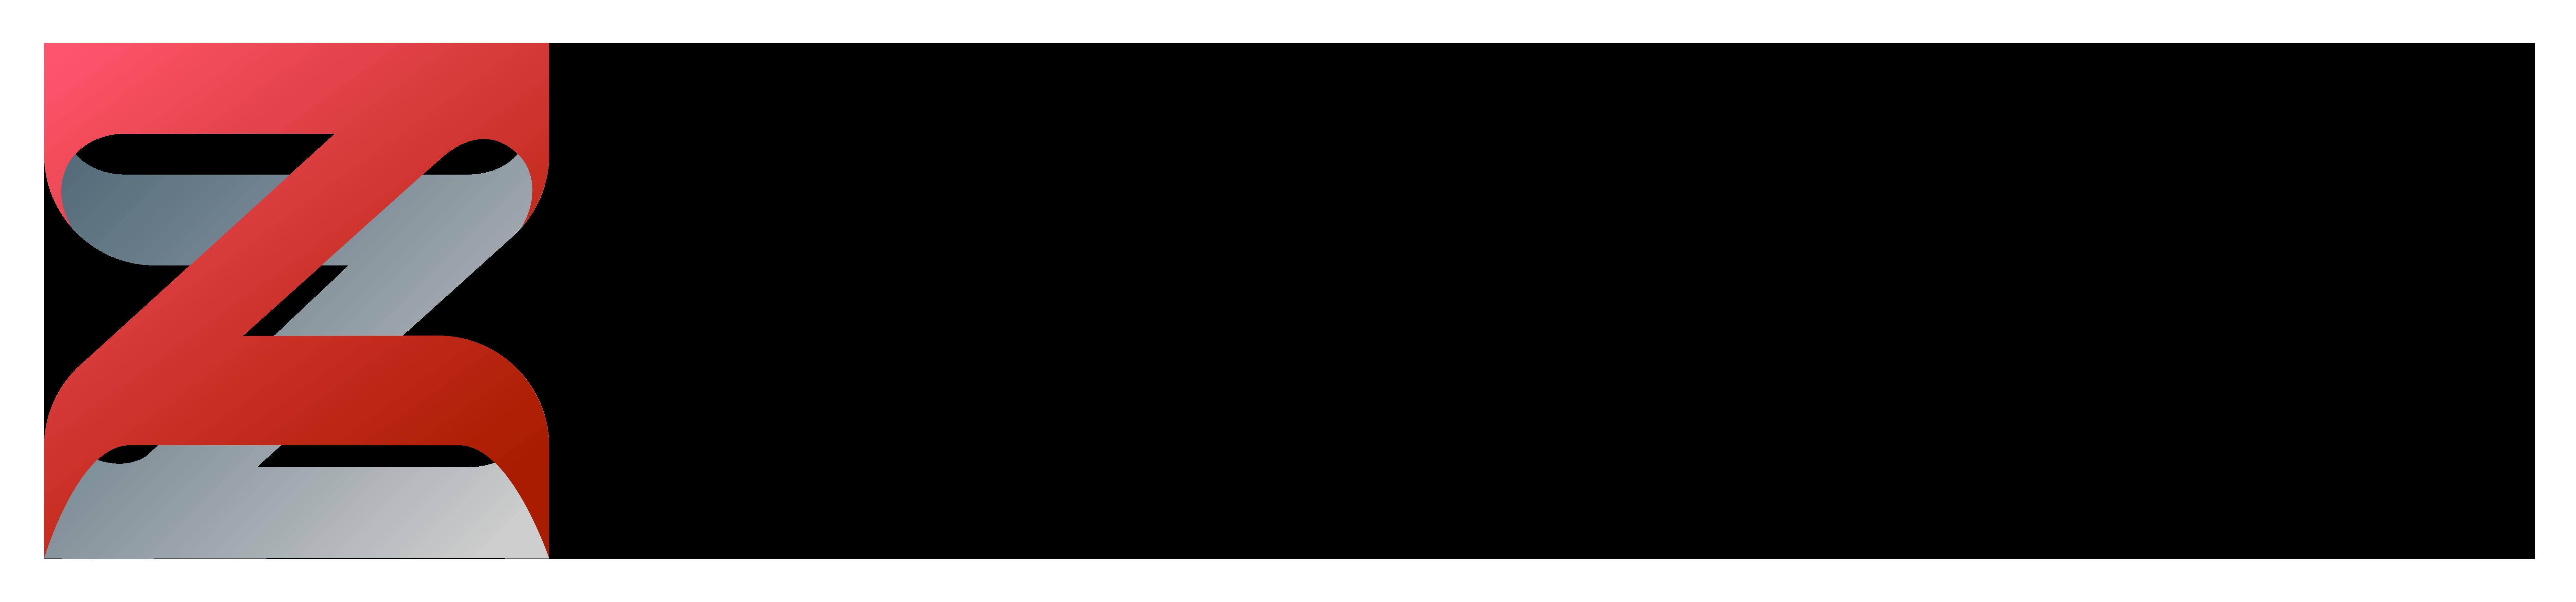 zanerab logo